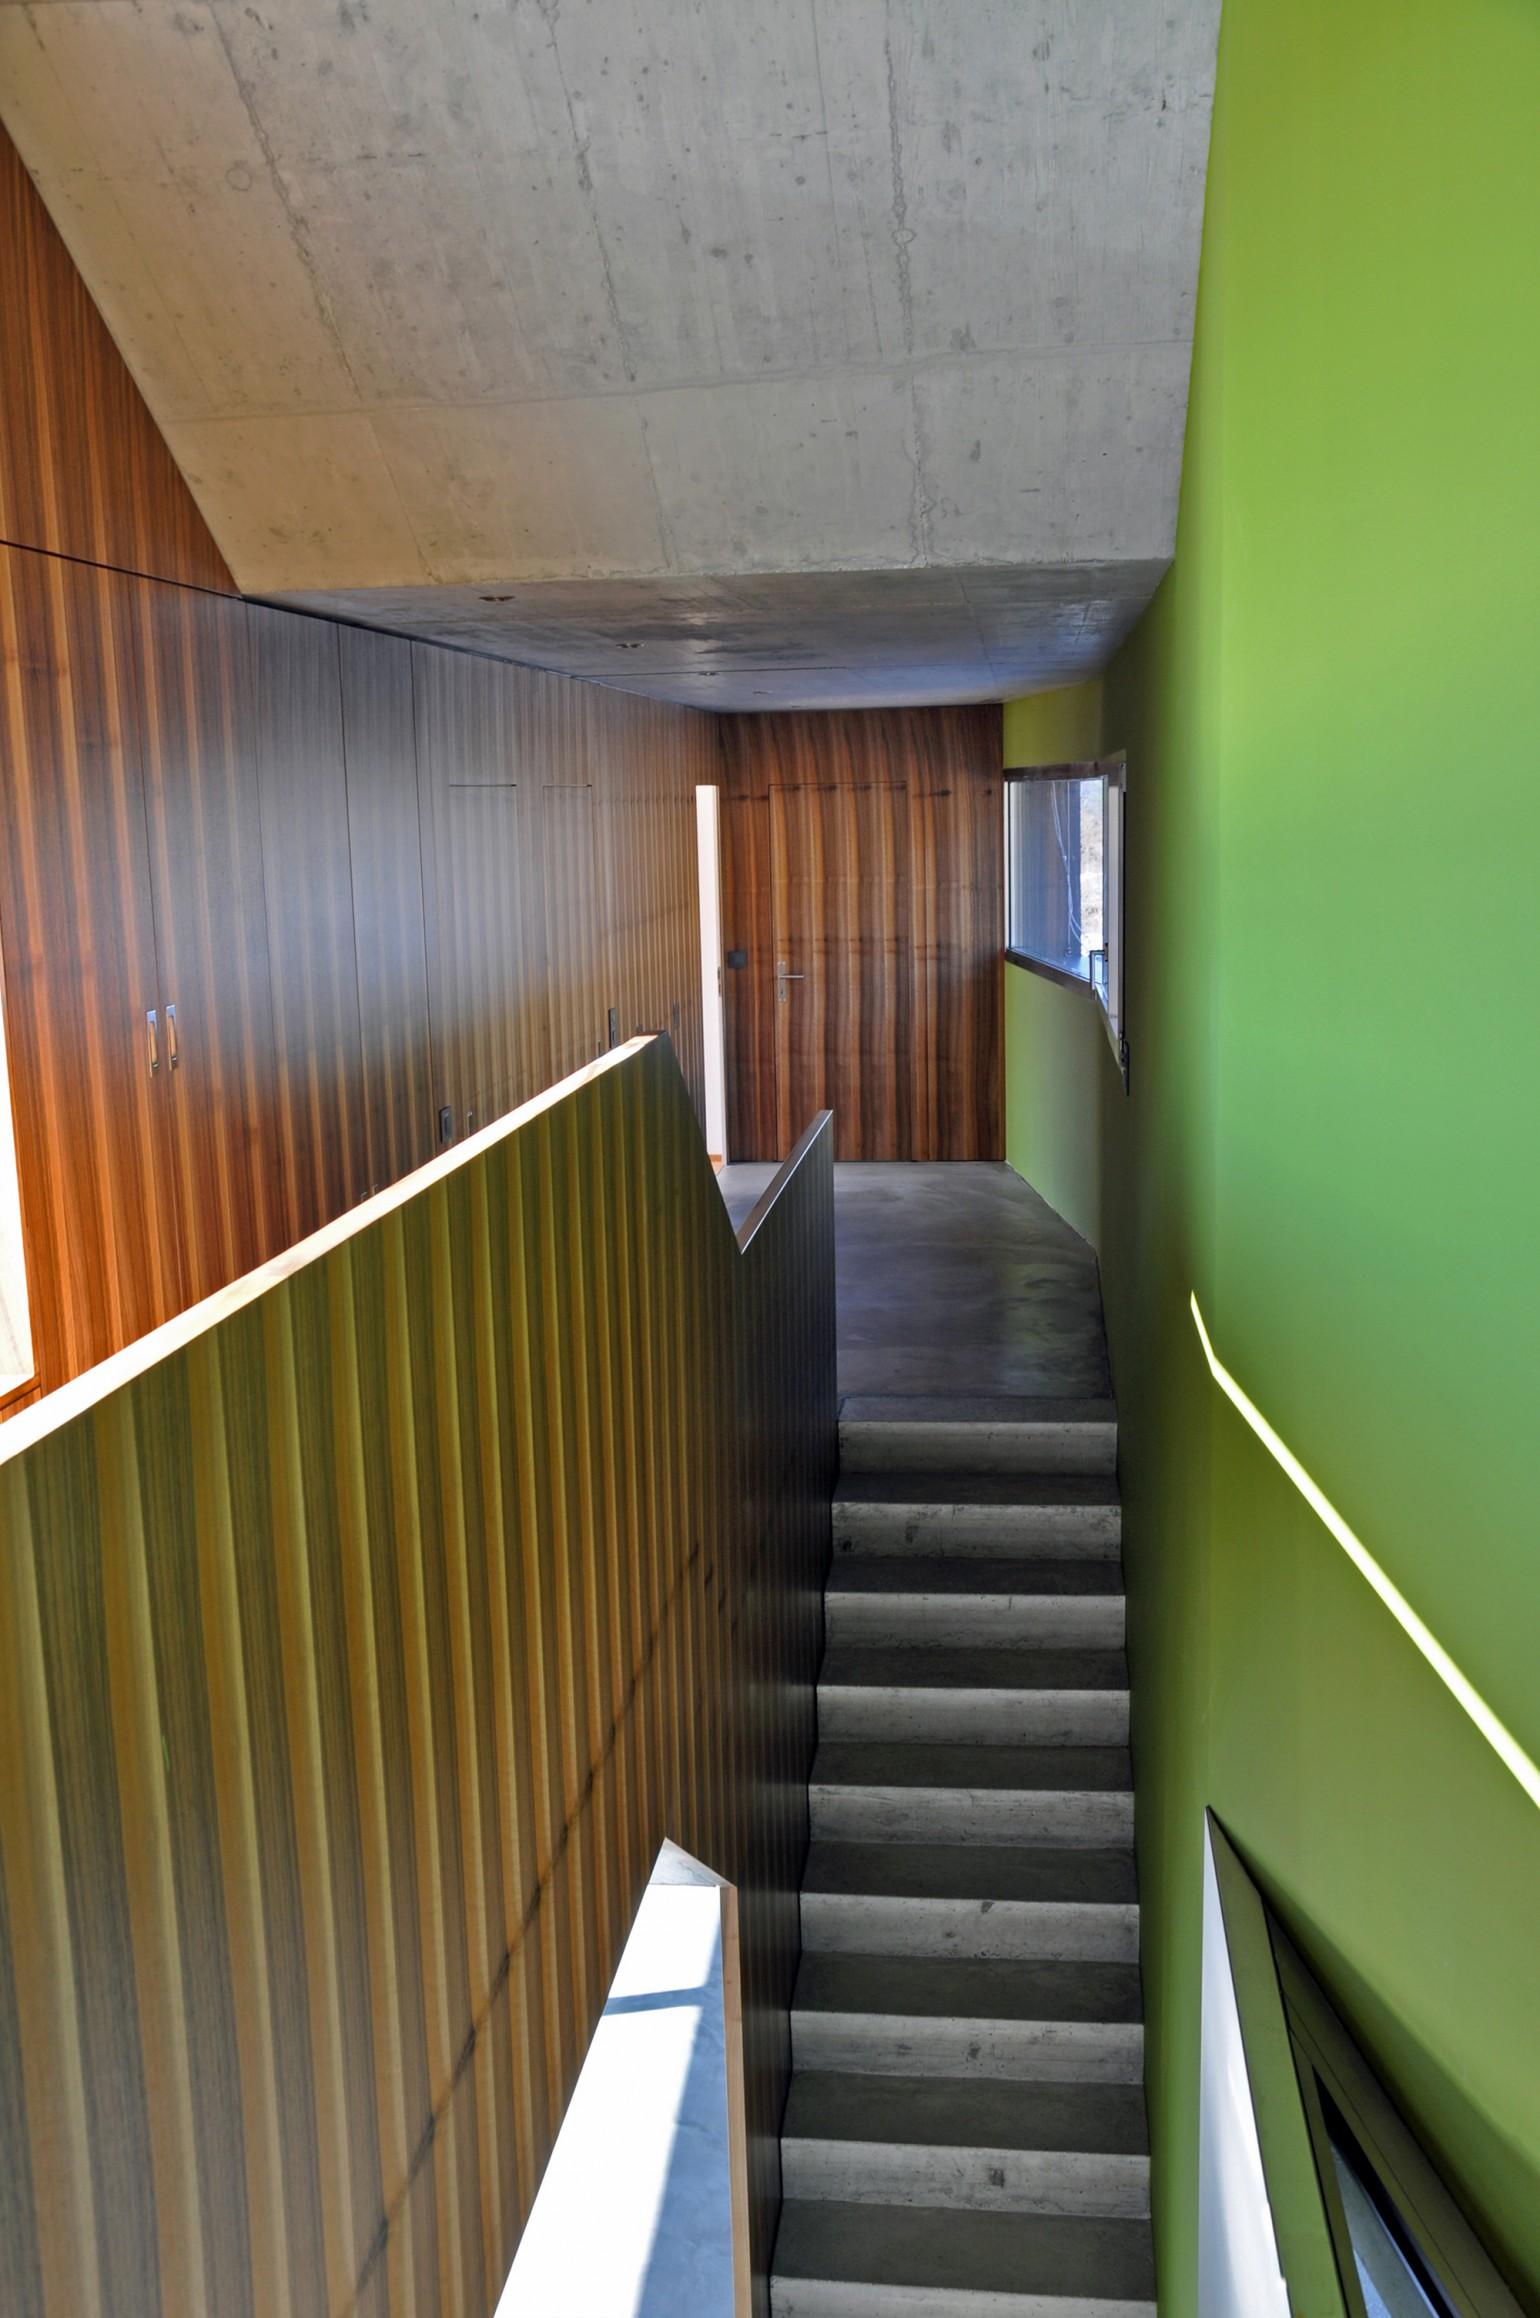 maison-revaz-grimisuat-meyer-architecture-sion-09